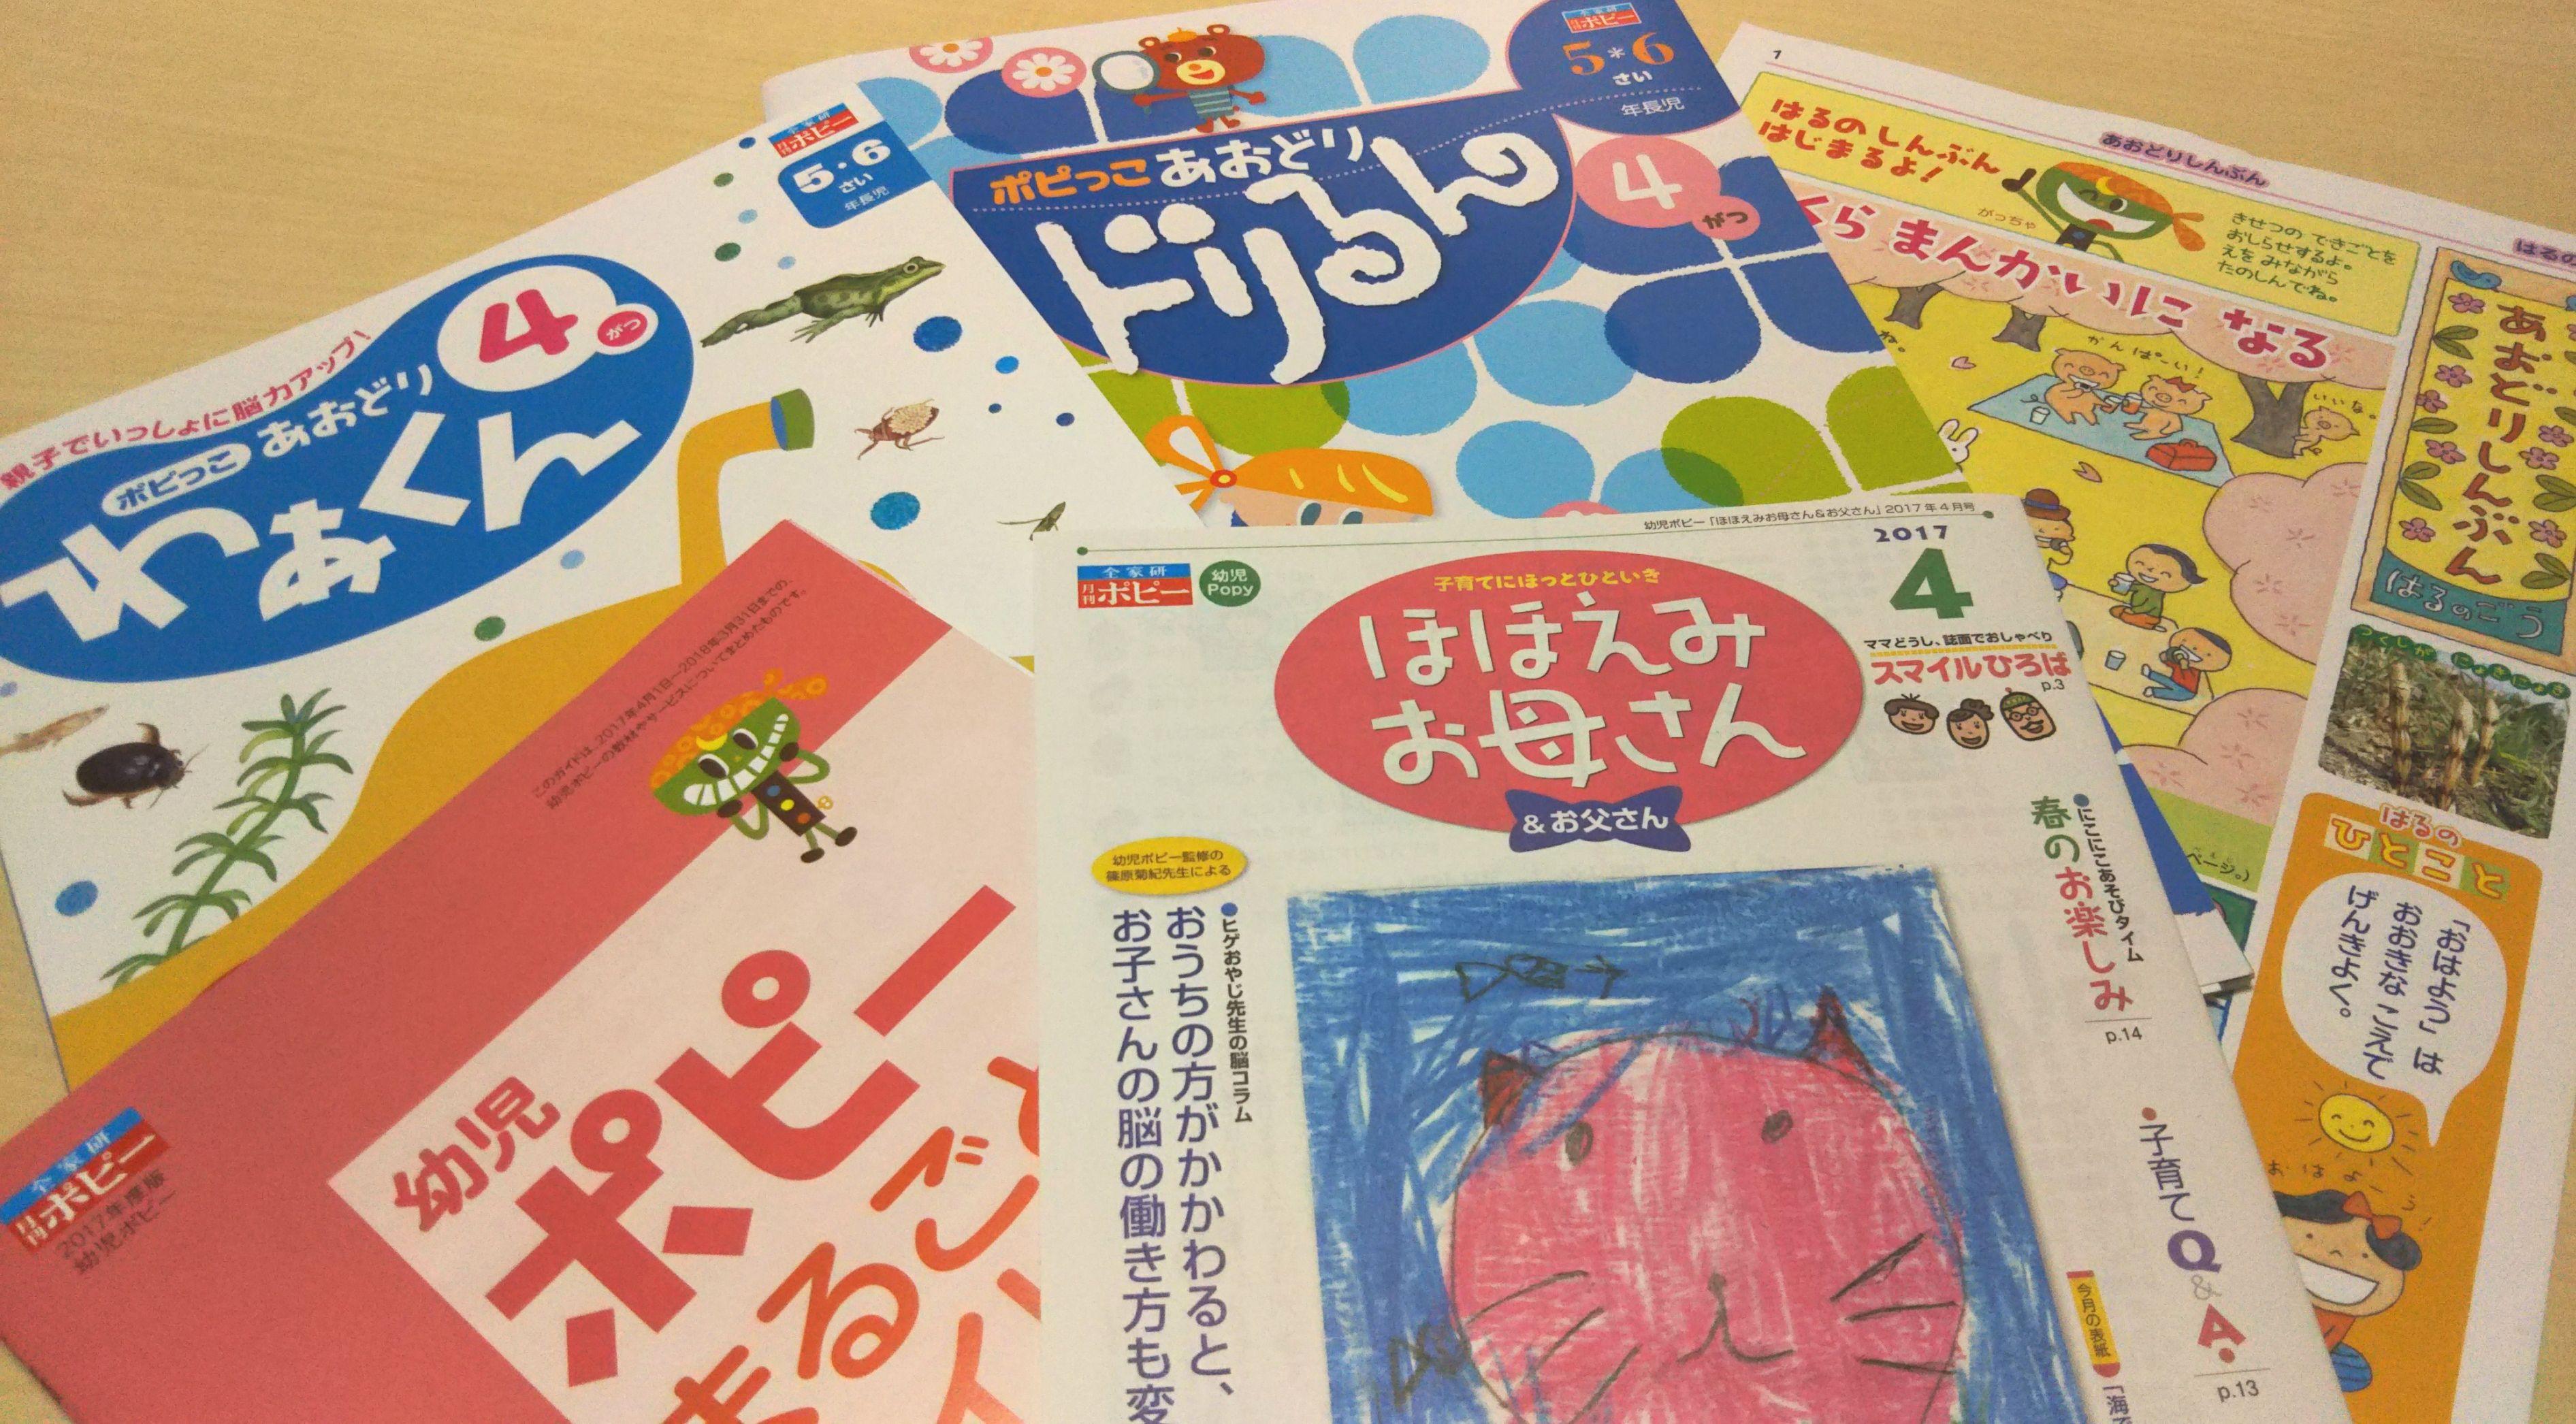 幼児の通信教材ポピー『ポピっこ』の「お試し購読」を申し込んでみました。